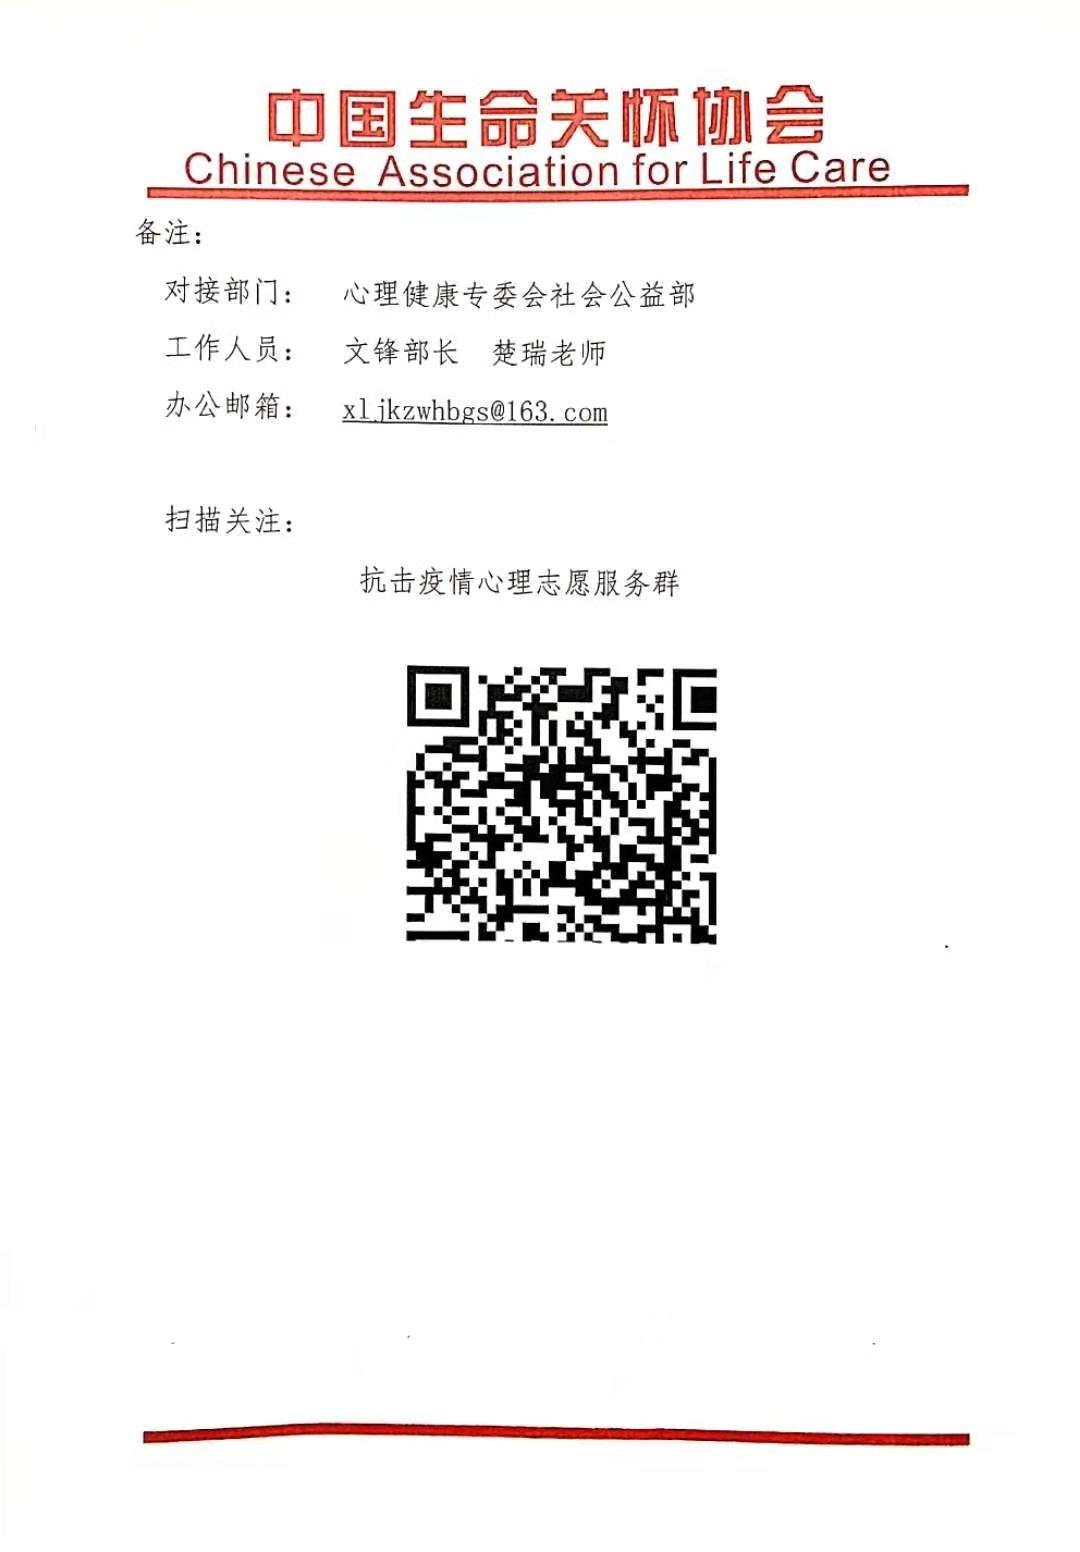 1581057679755273.jpg